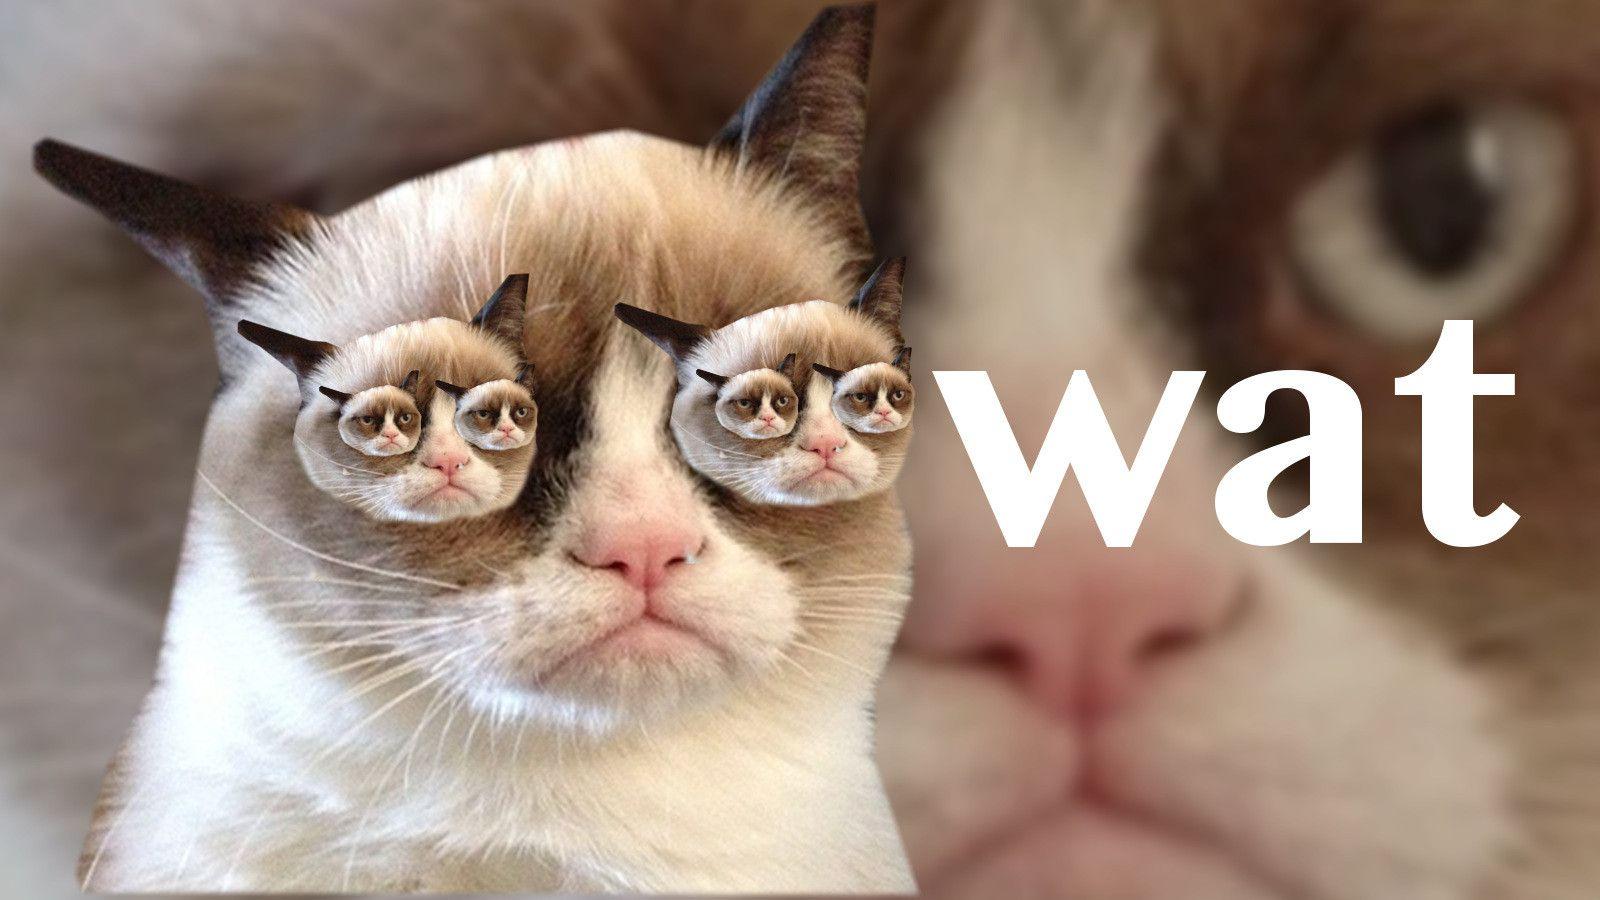 My second grumpy cat wallpaper Grumpy cat, Cat and